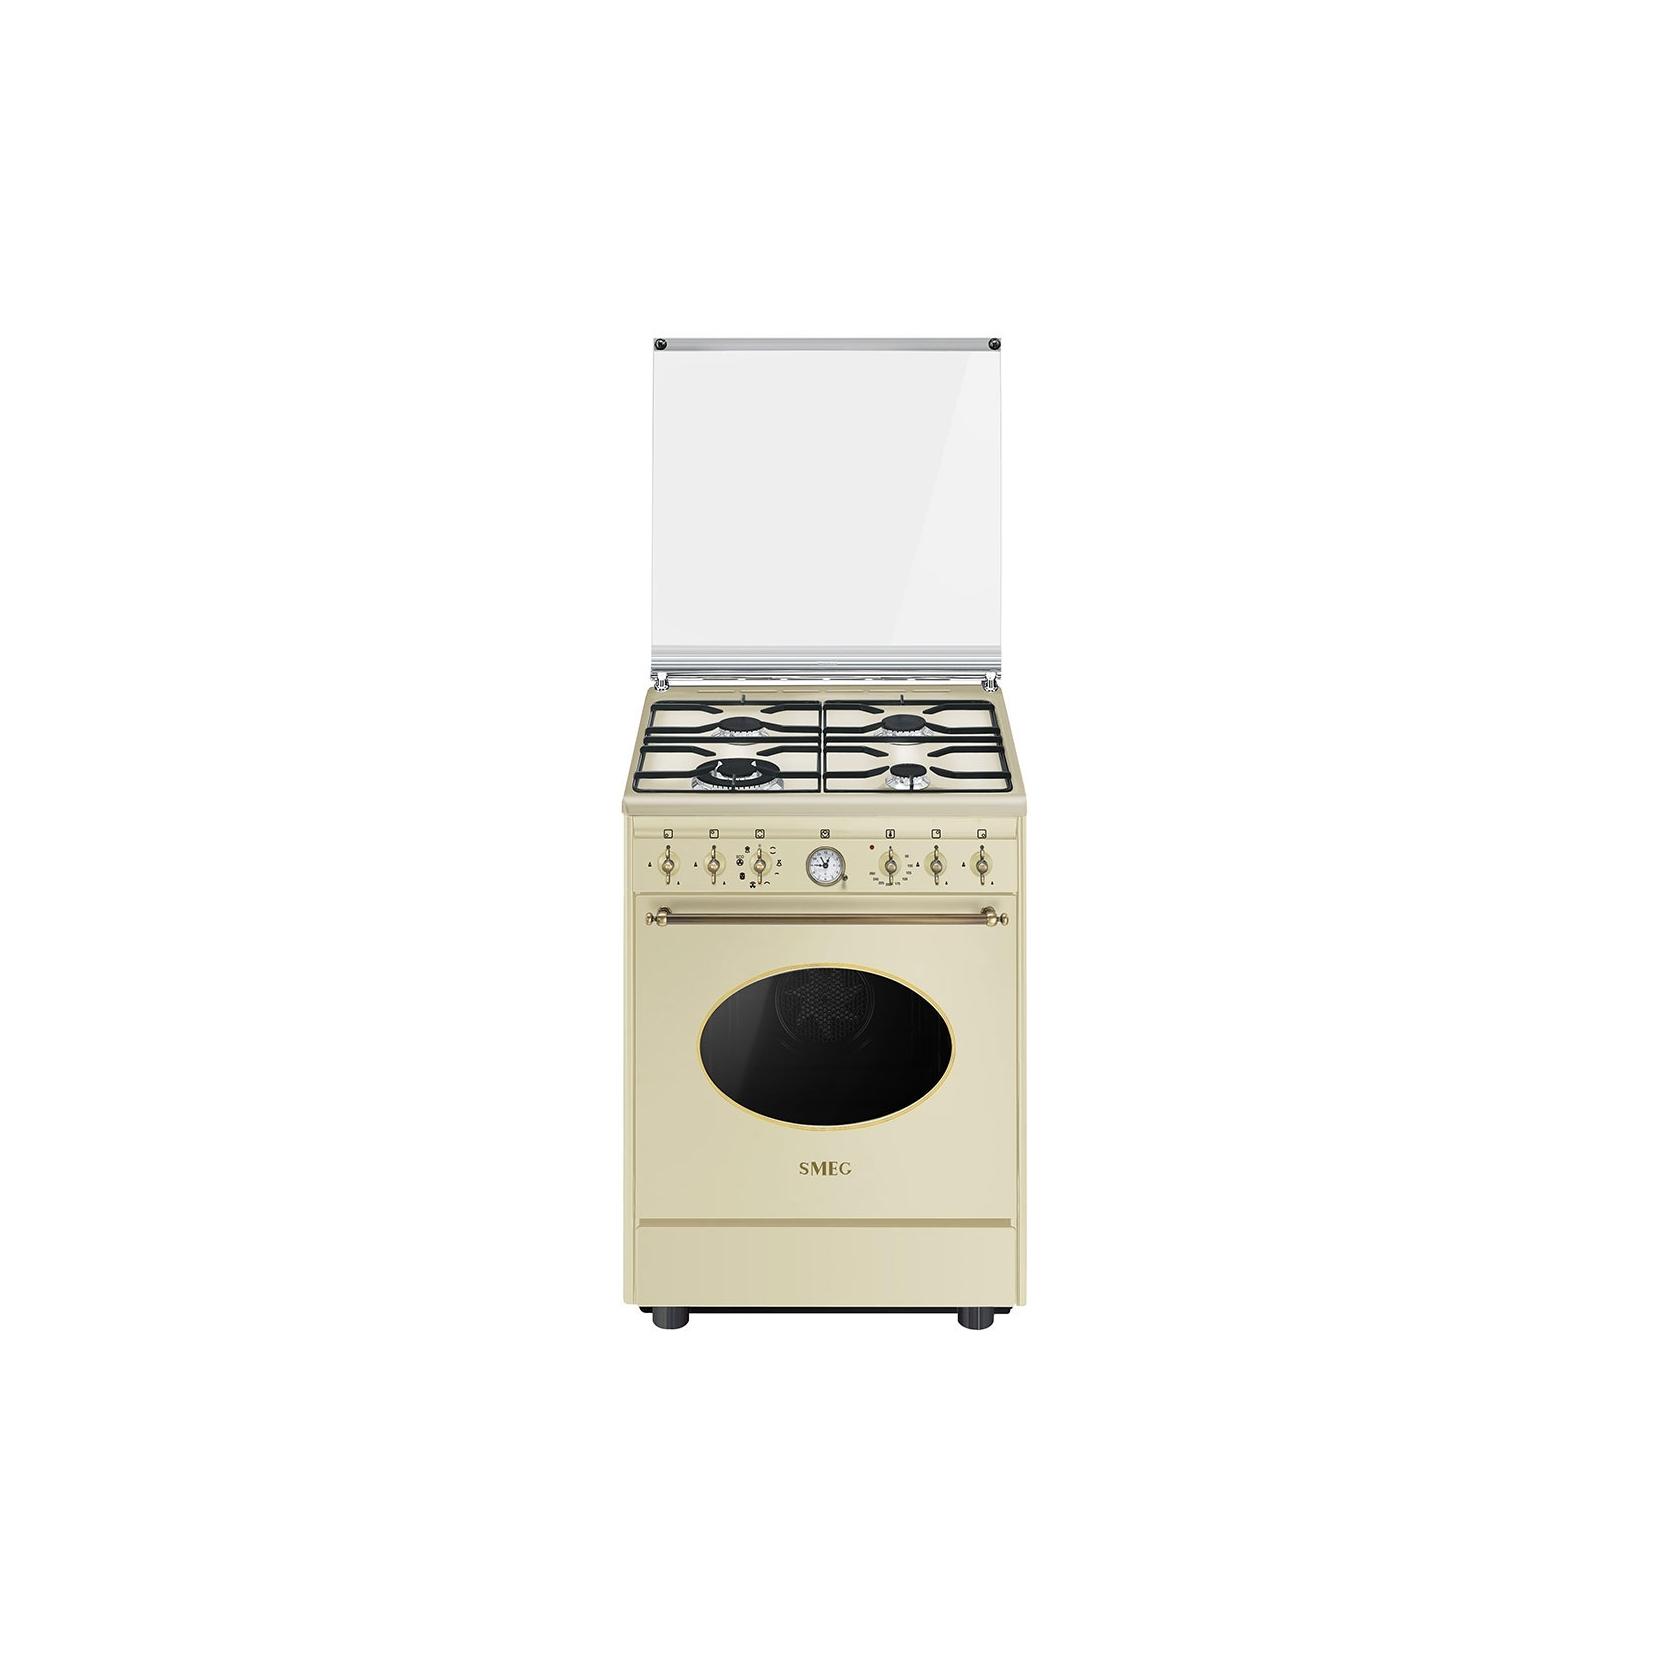 Smeg cucina co68gmp9 4 fuochi forno elettrico multifunzione classe a cm 60x60 colore crema - Cucina a gas smeg ...